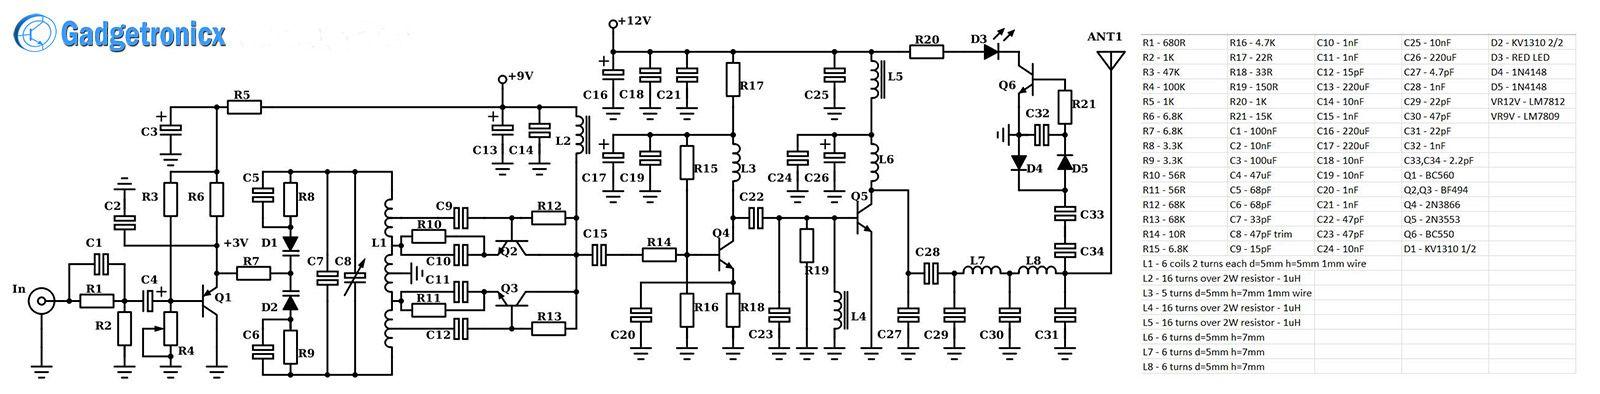 making of km range fm transmitter circuit as diy project guide making of 3 km range fm transmitter circuit as diy project guide to build a 2 miles or 3 km ranged fm transmitter circuit diagram schematic design